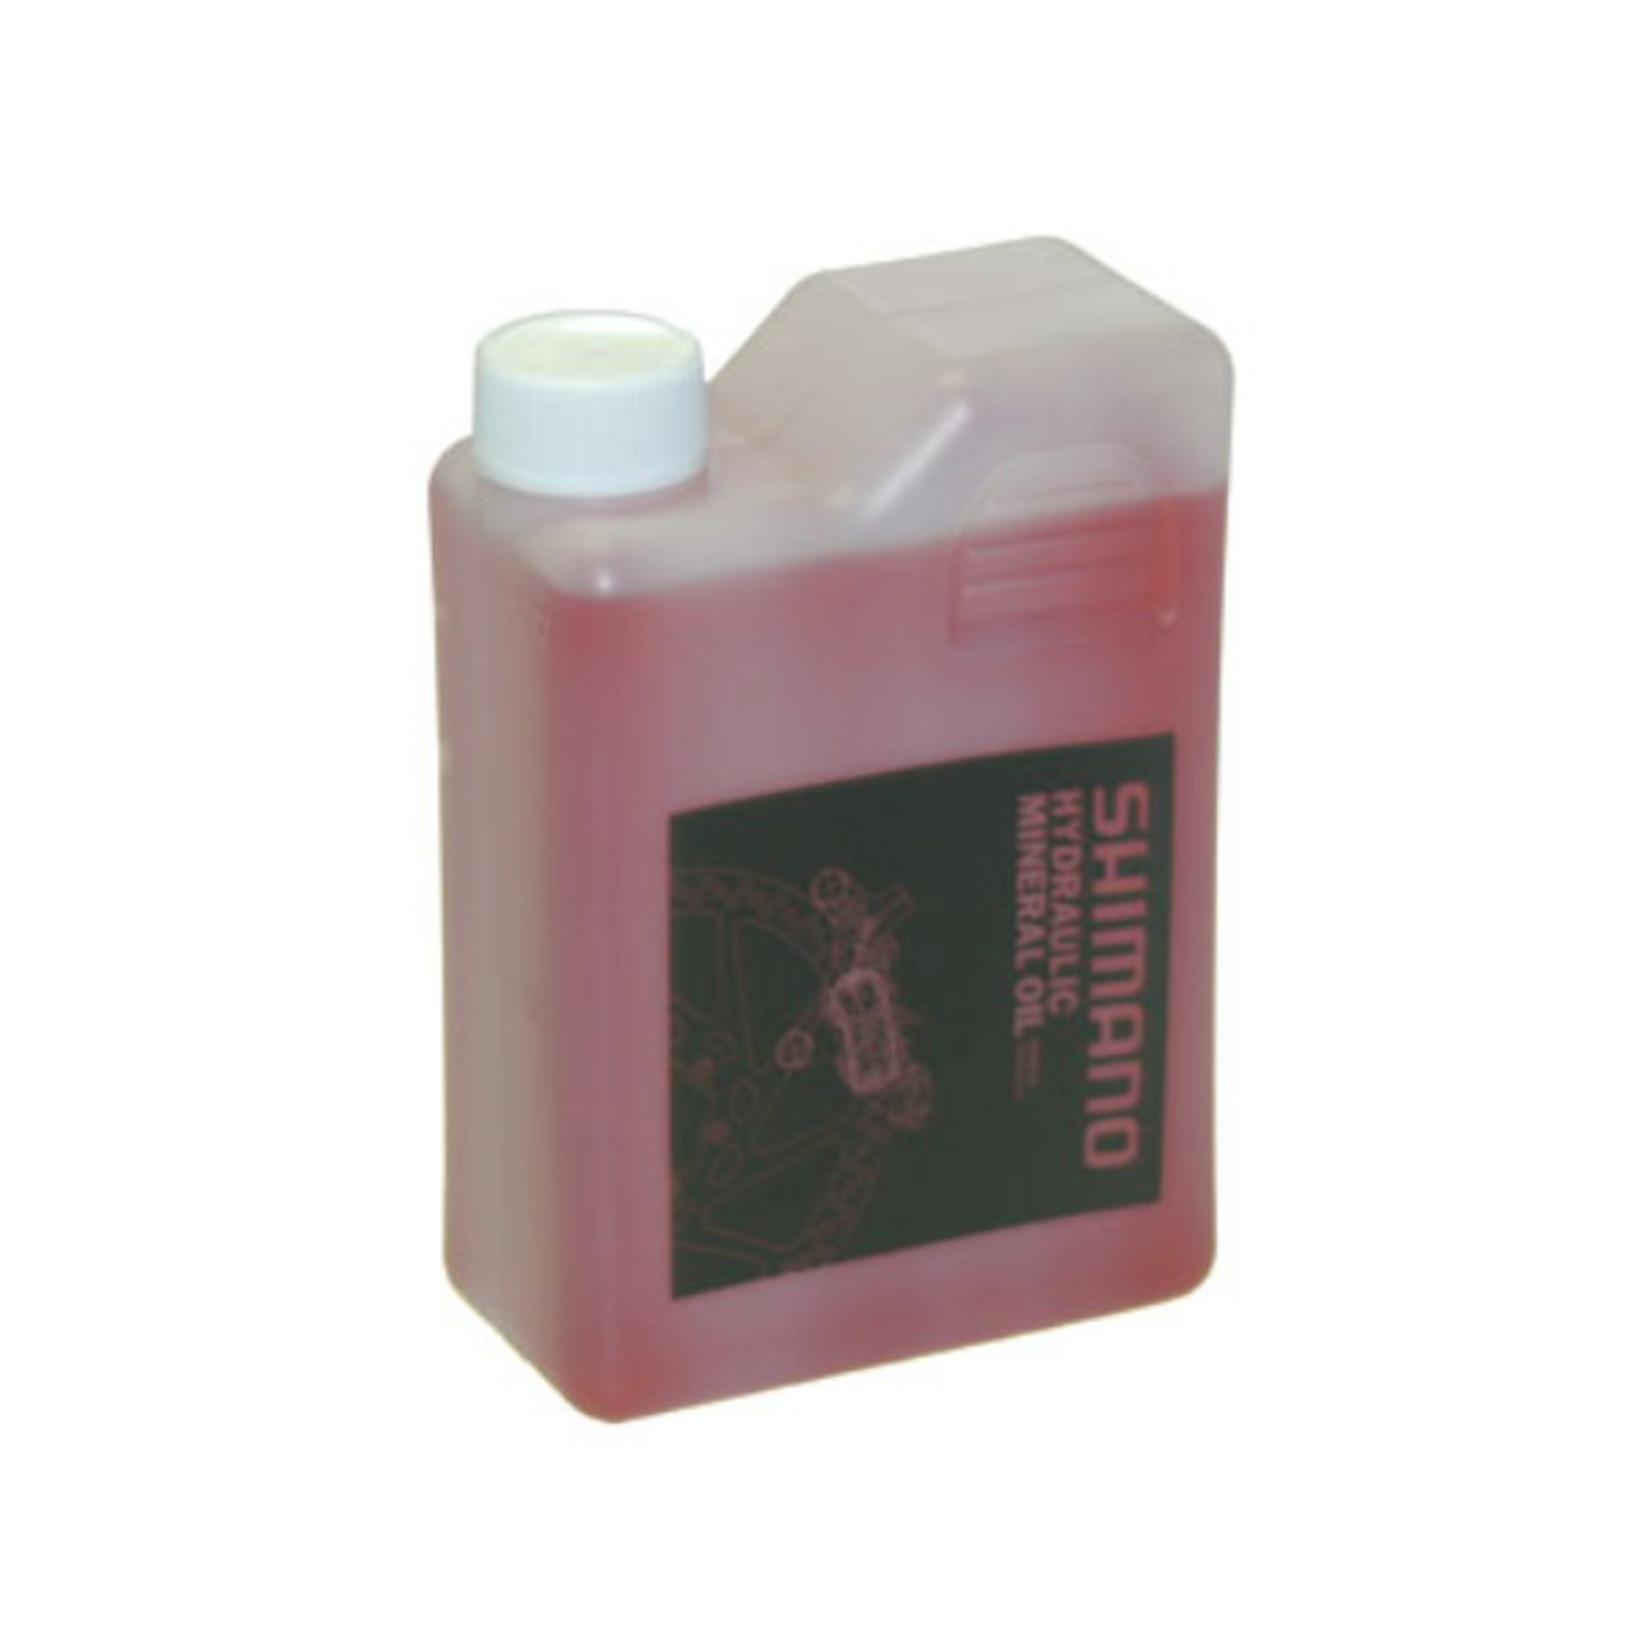 Shimano Shimano, Disc Brake Mineral Oil